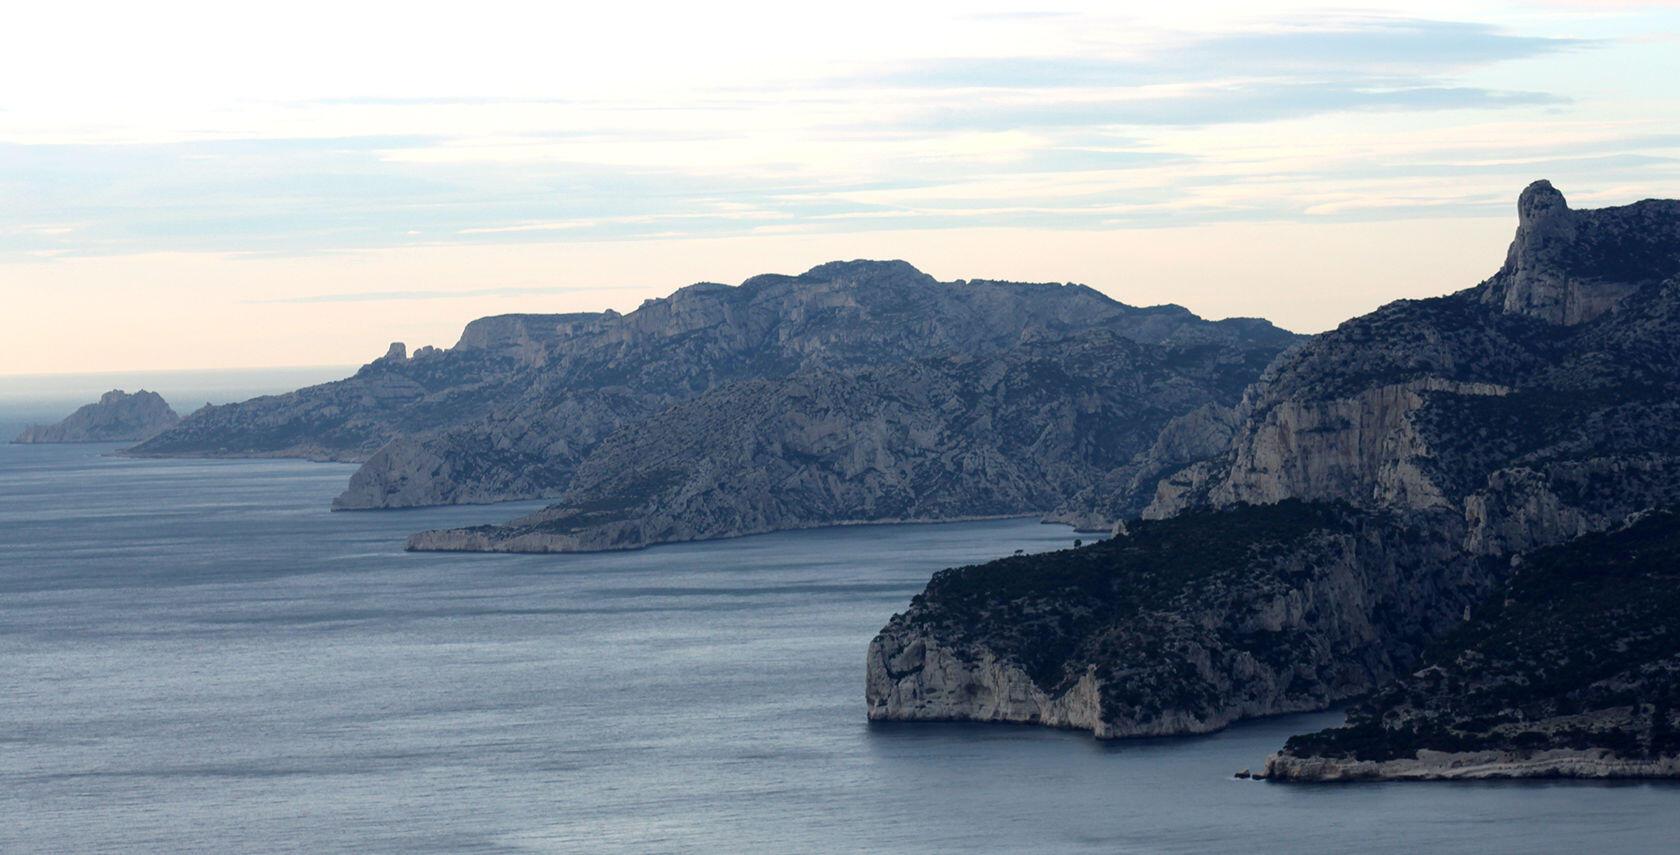 Route des Cretes Cassis to La Ciotat